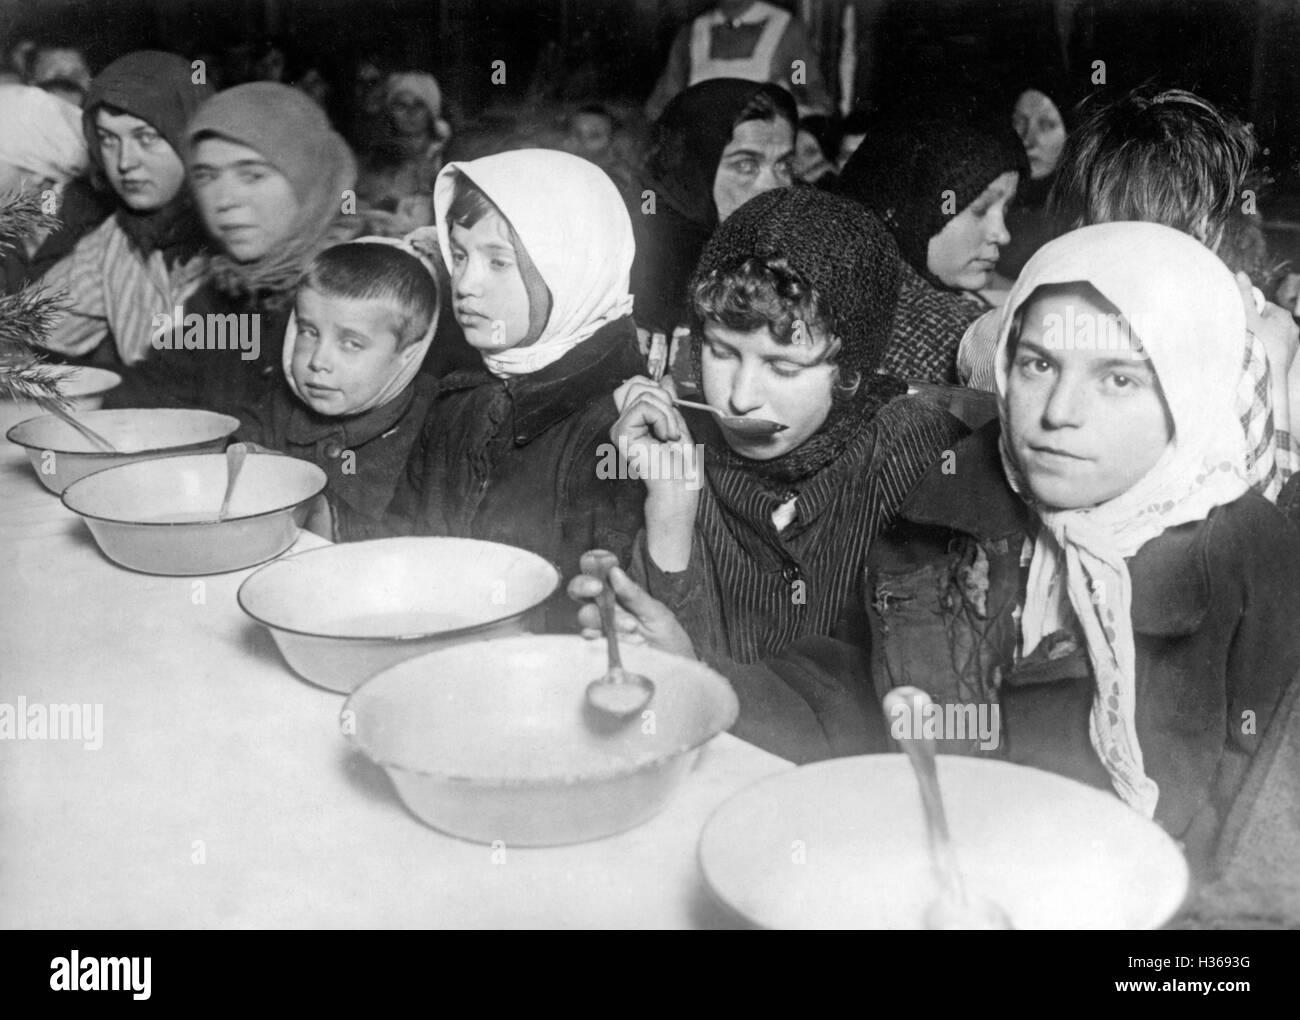 Volga germans stockfotos volga germans bilder alamy for Voga deutsche seite